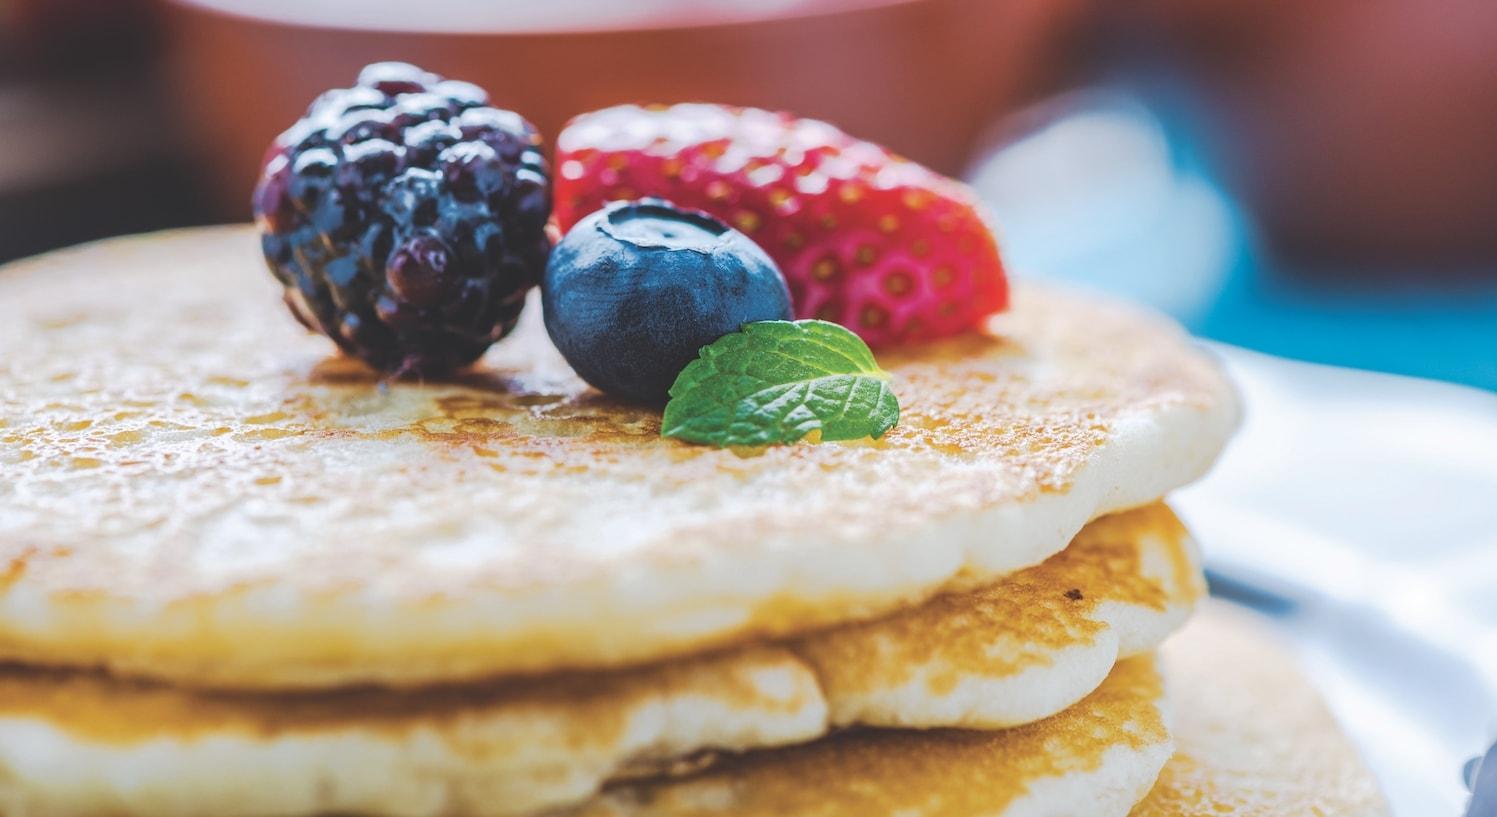 Leelanau Restaurants Serving Breakfast